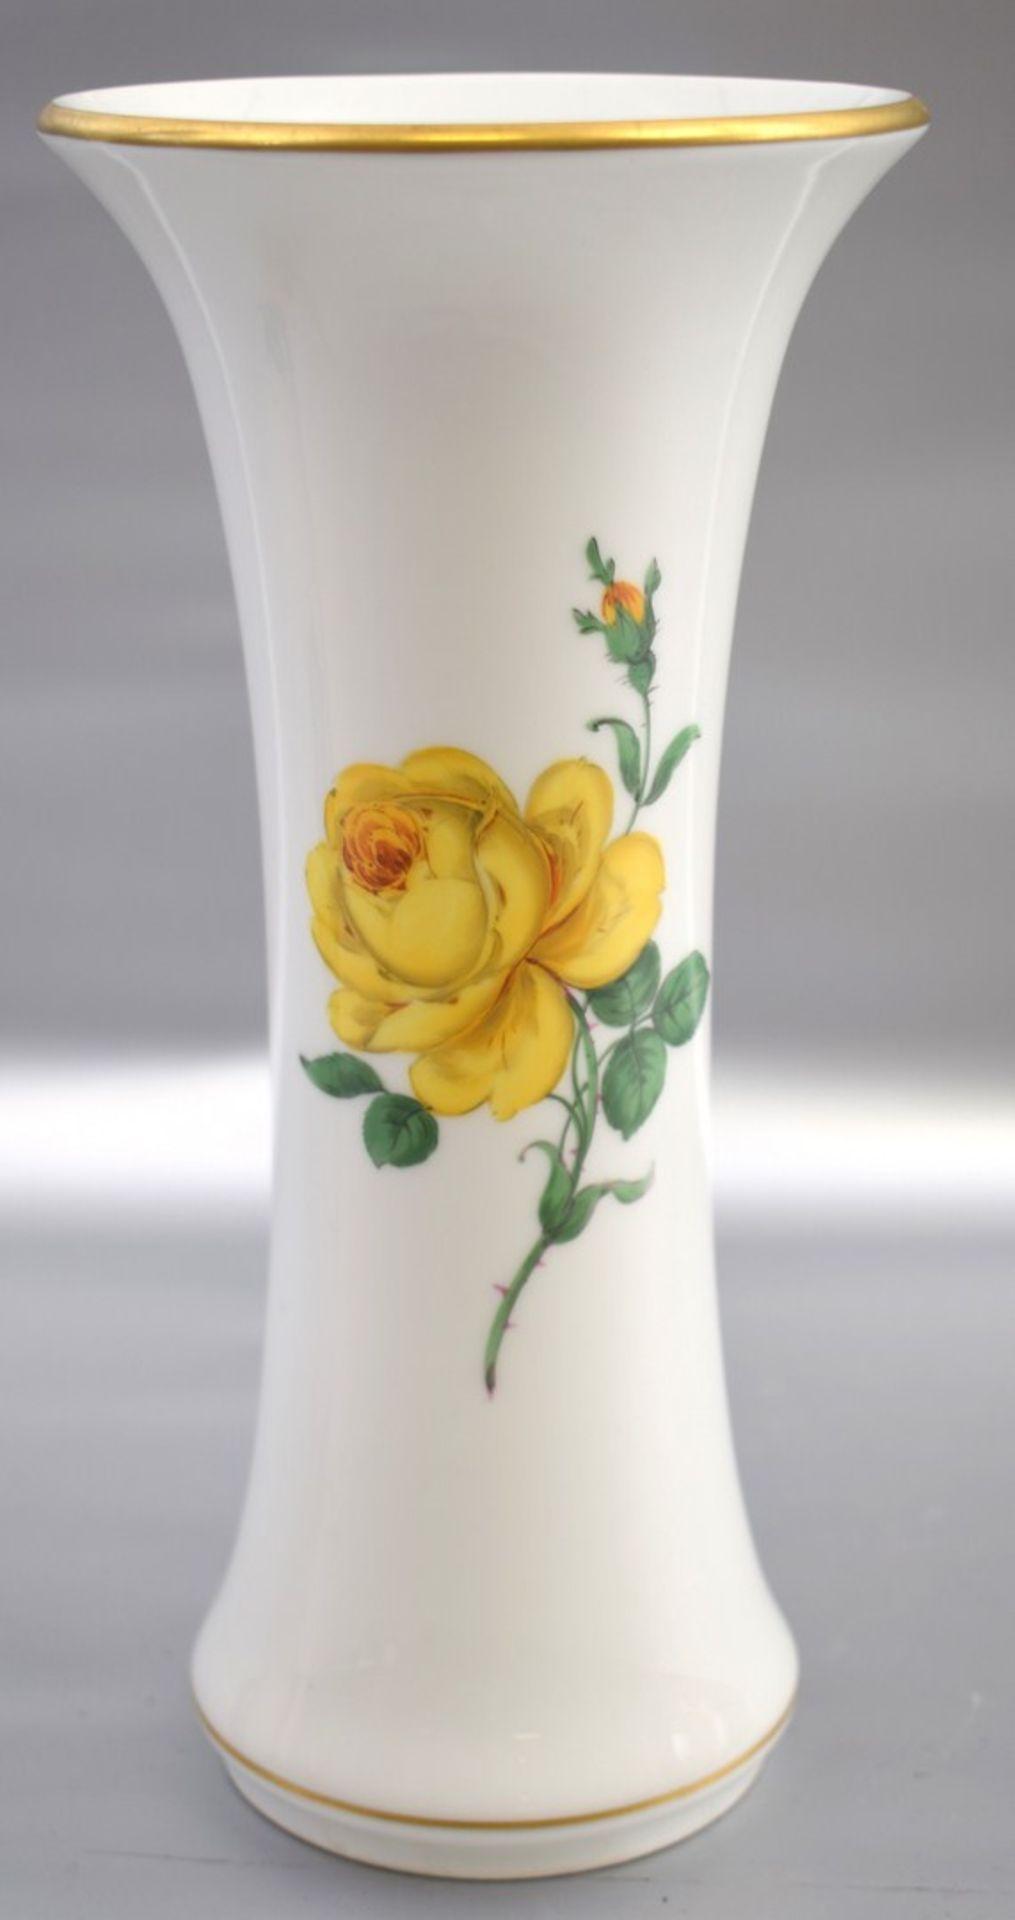 Los 48 - Vase trompetenförmig, Dekor gelbe Rose, Goldrand, zwei Schleifstriche, H 25 cm, blaue Schwertermarke